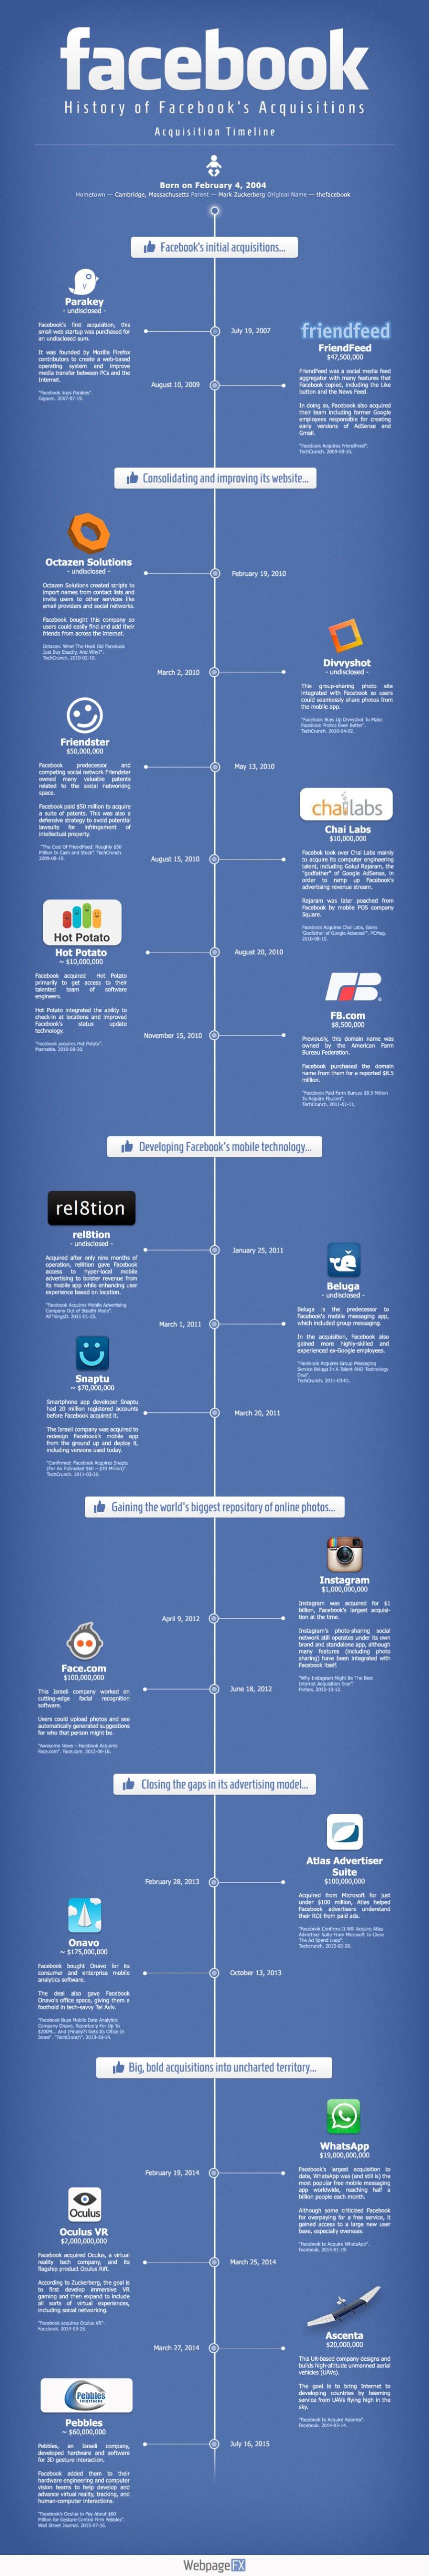 Historia de las adquisiciones de FaceBook